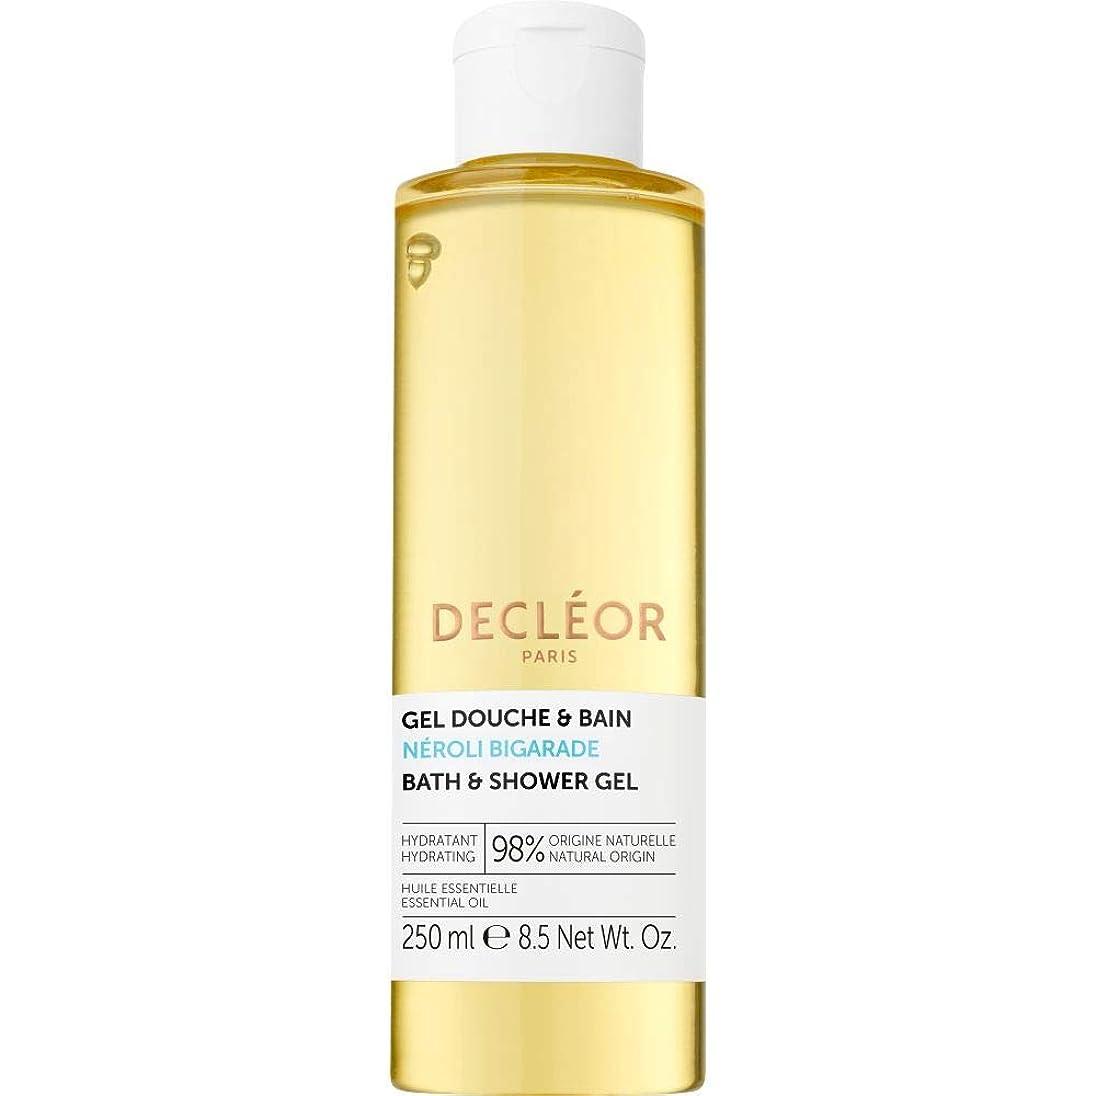 [Decl?or ] デクレオールネロリBigaradeバス&シャワージェル250ミリリットル - Decleor Neroli Bigarade Bath & Shower Gel 250ml [並行輸入品]